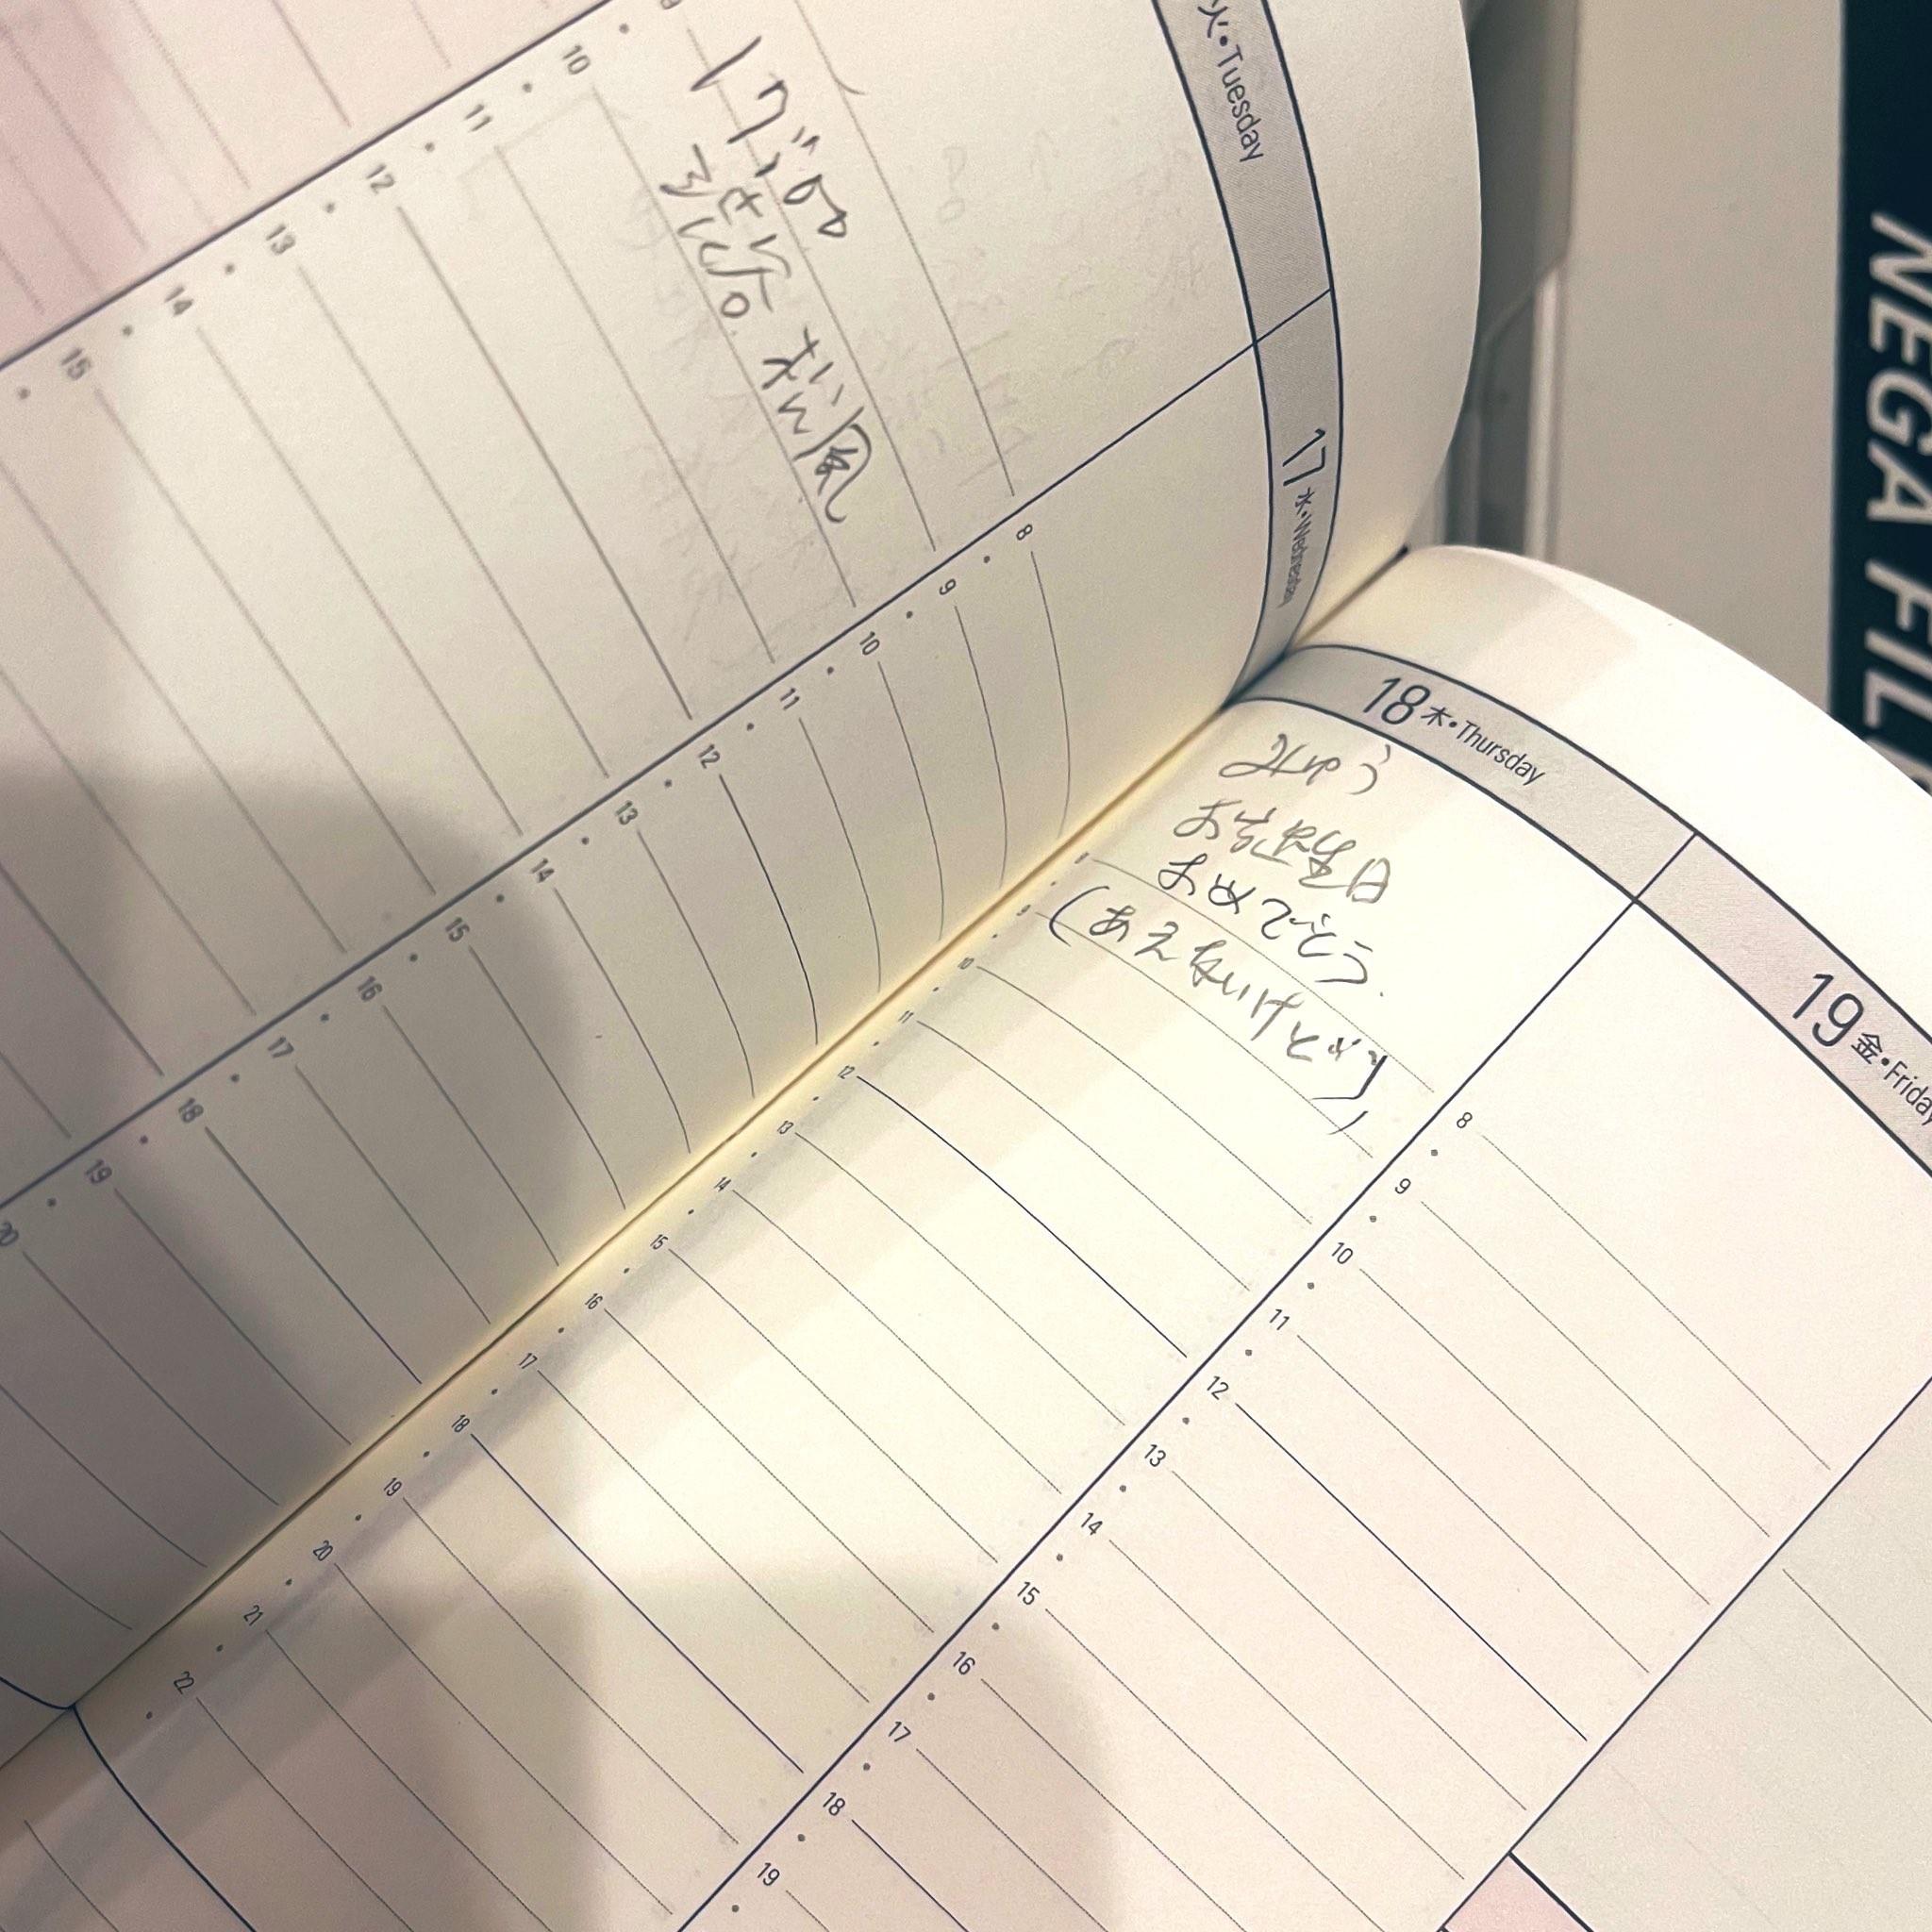 ▲▼日本女網友整理遺物,意外發現父親在筆記本寫下祝生日快樂。(圖/翻攝自推特)